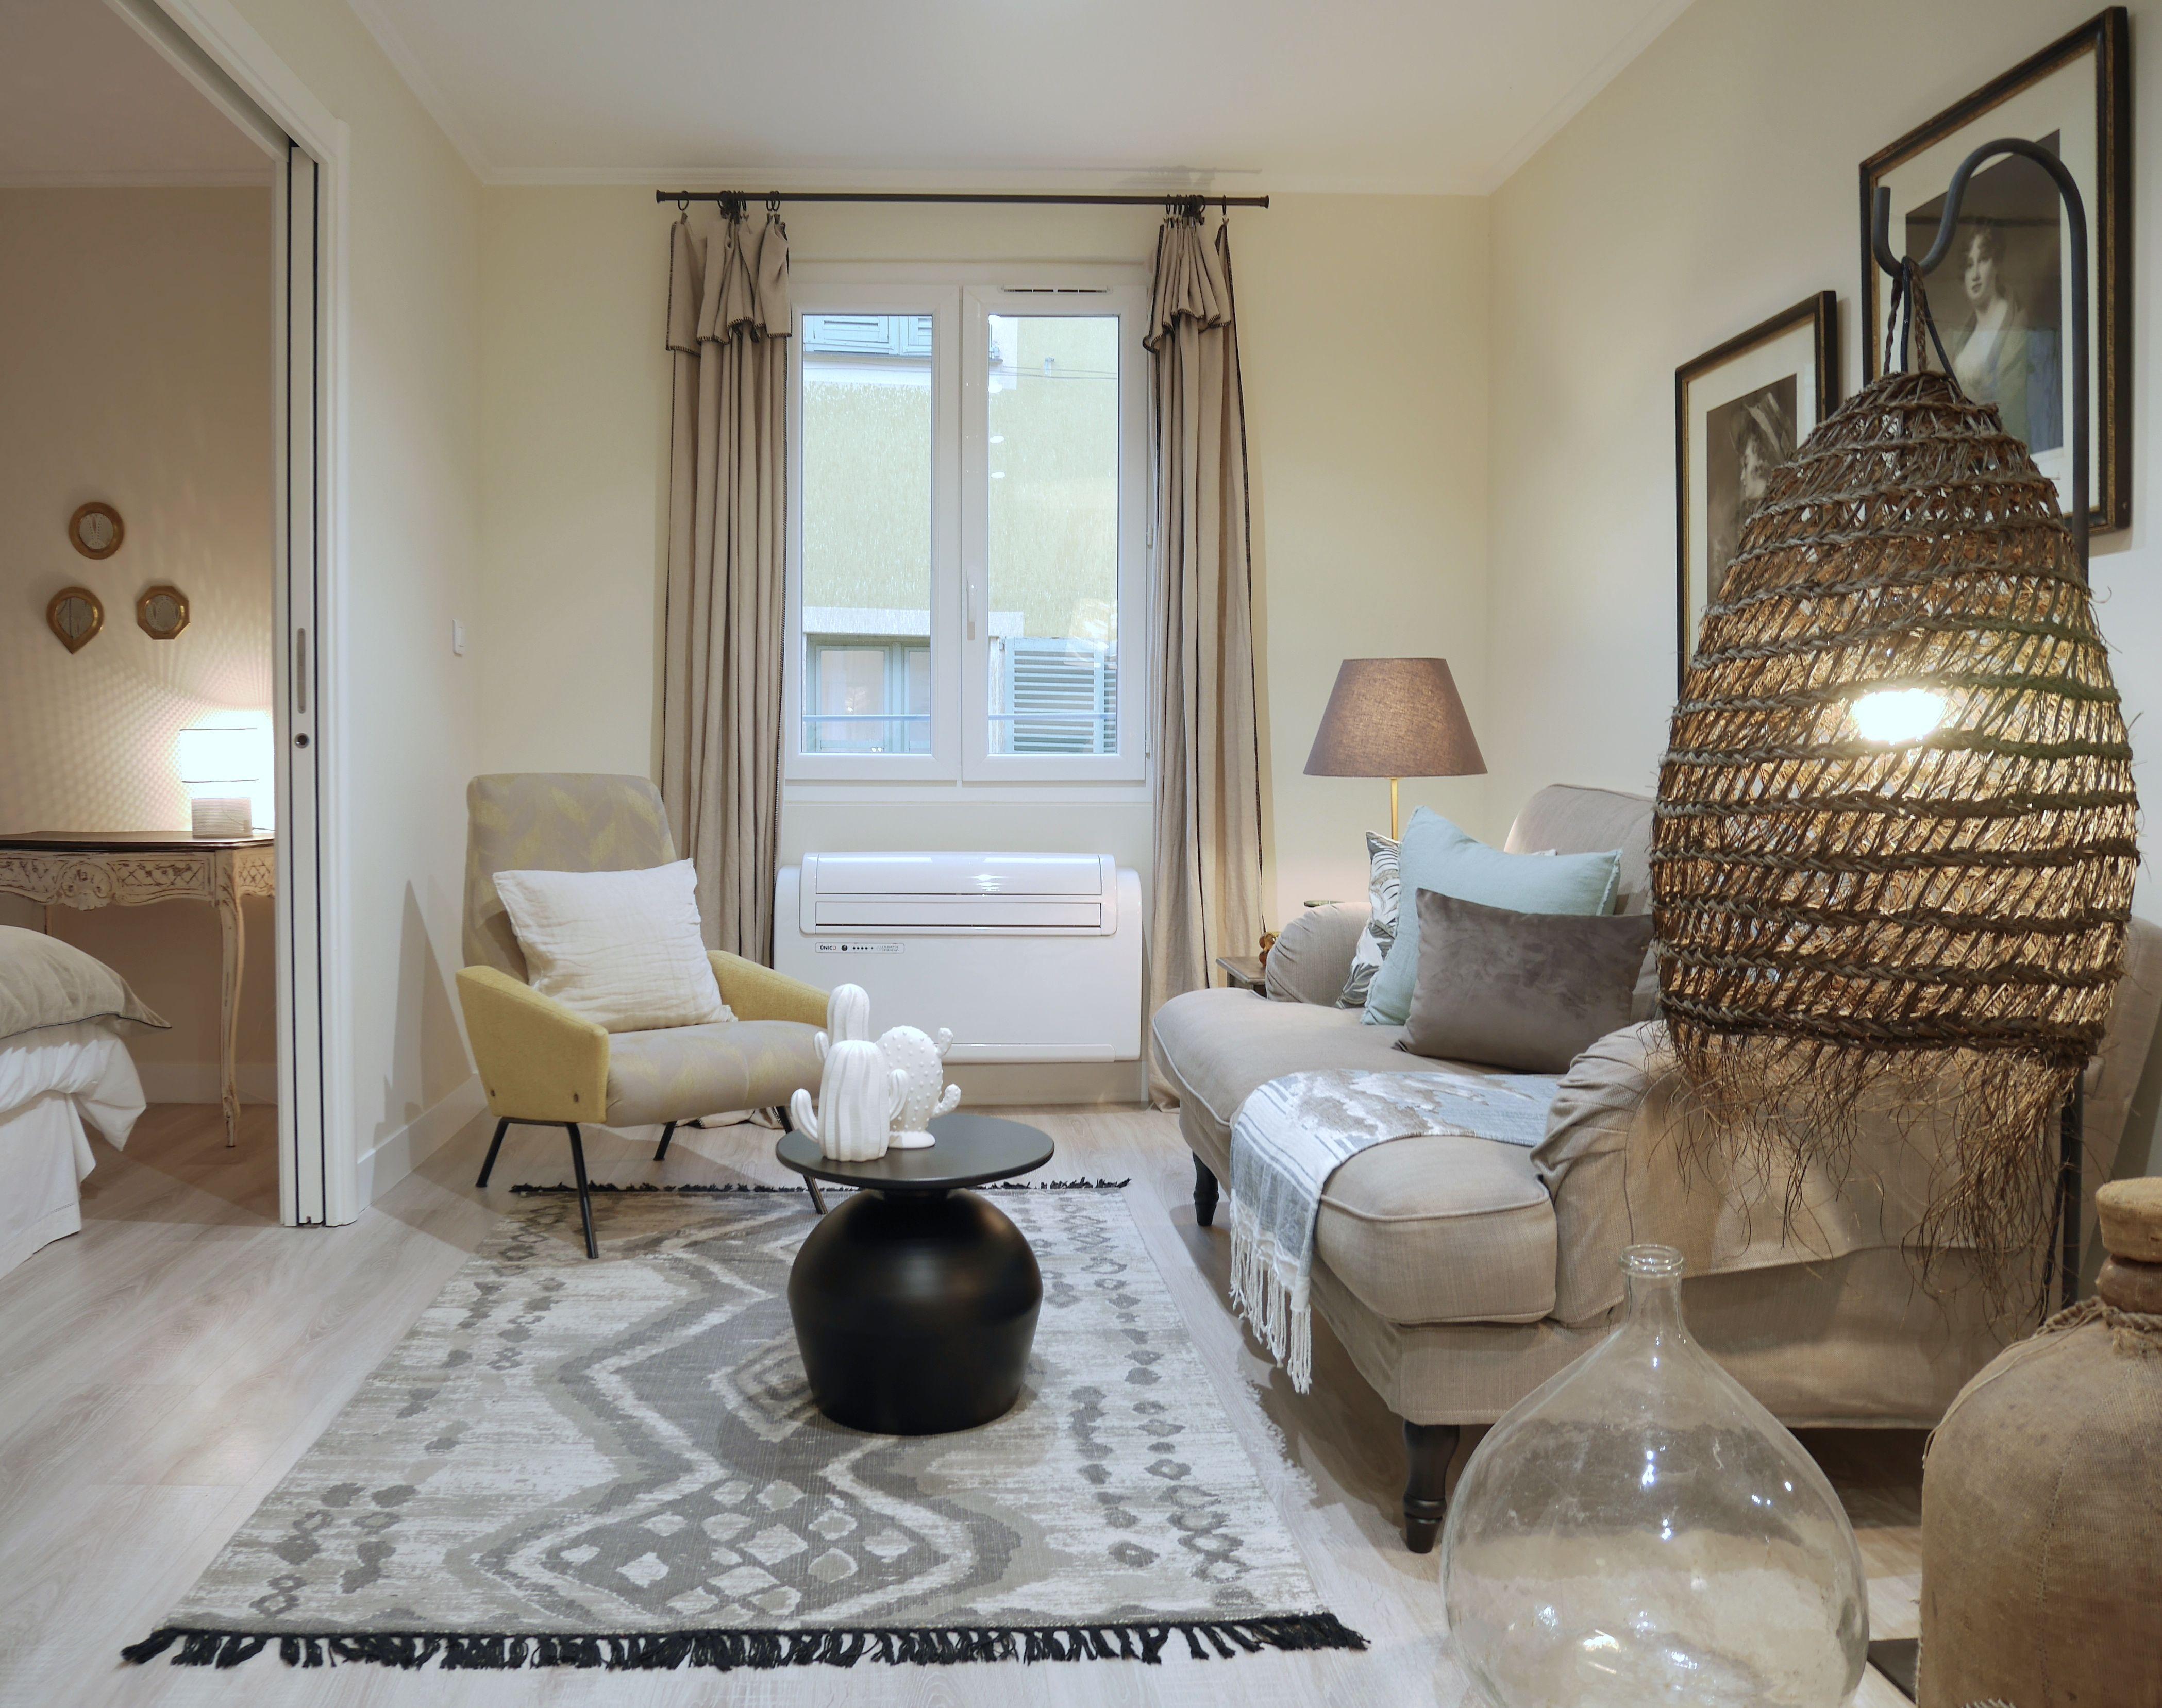 Decoration Appartement Destine A La Location Saisonniere Dans Le Vieux Nice Esprit French Touch Mix Pieces Chinees Et Meubles De La Furniture Home Decor Decor